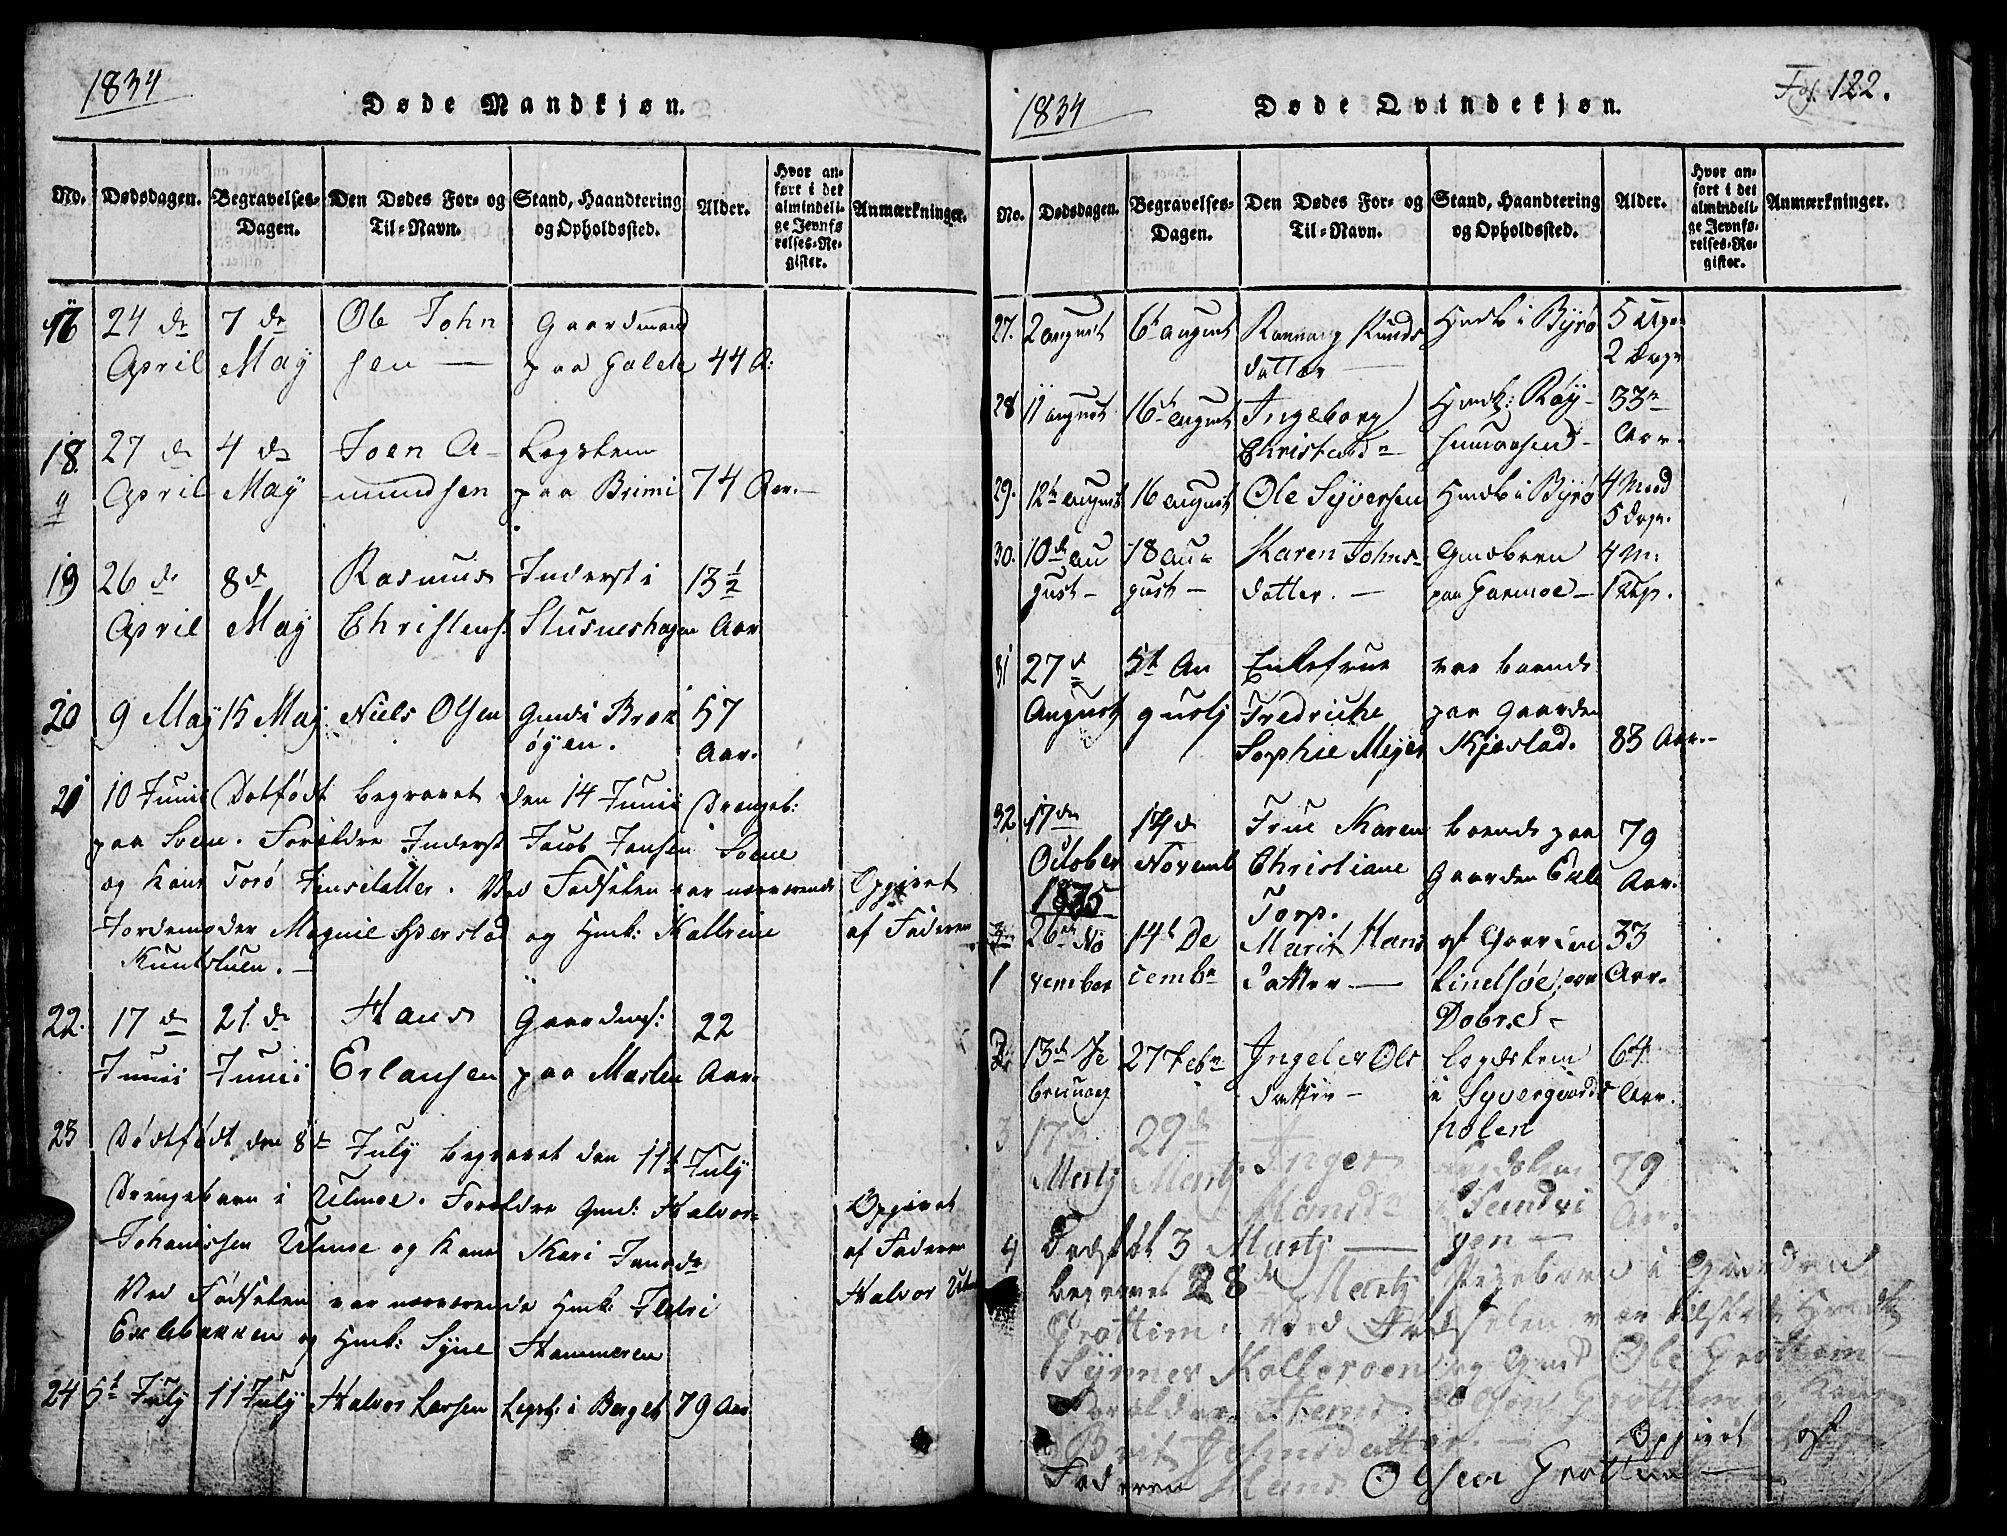 SAH, Lom prestekontor, L/L0001: Klokkerbok nr. 1, 1815-1836, s. 122